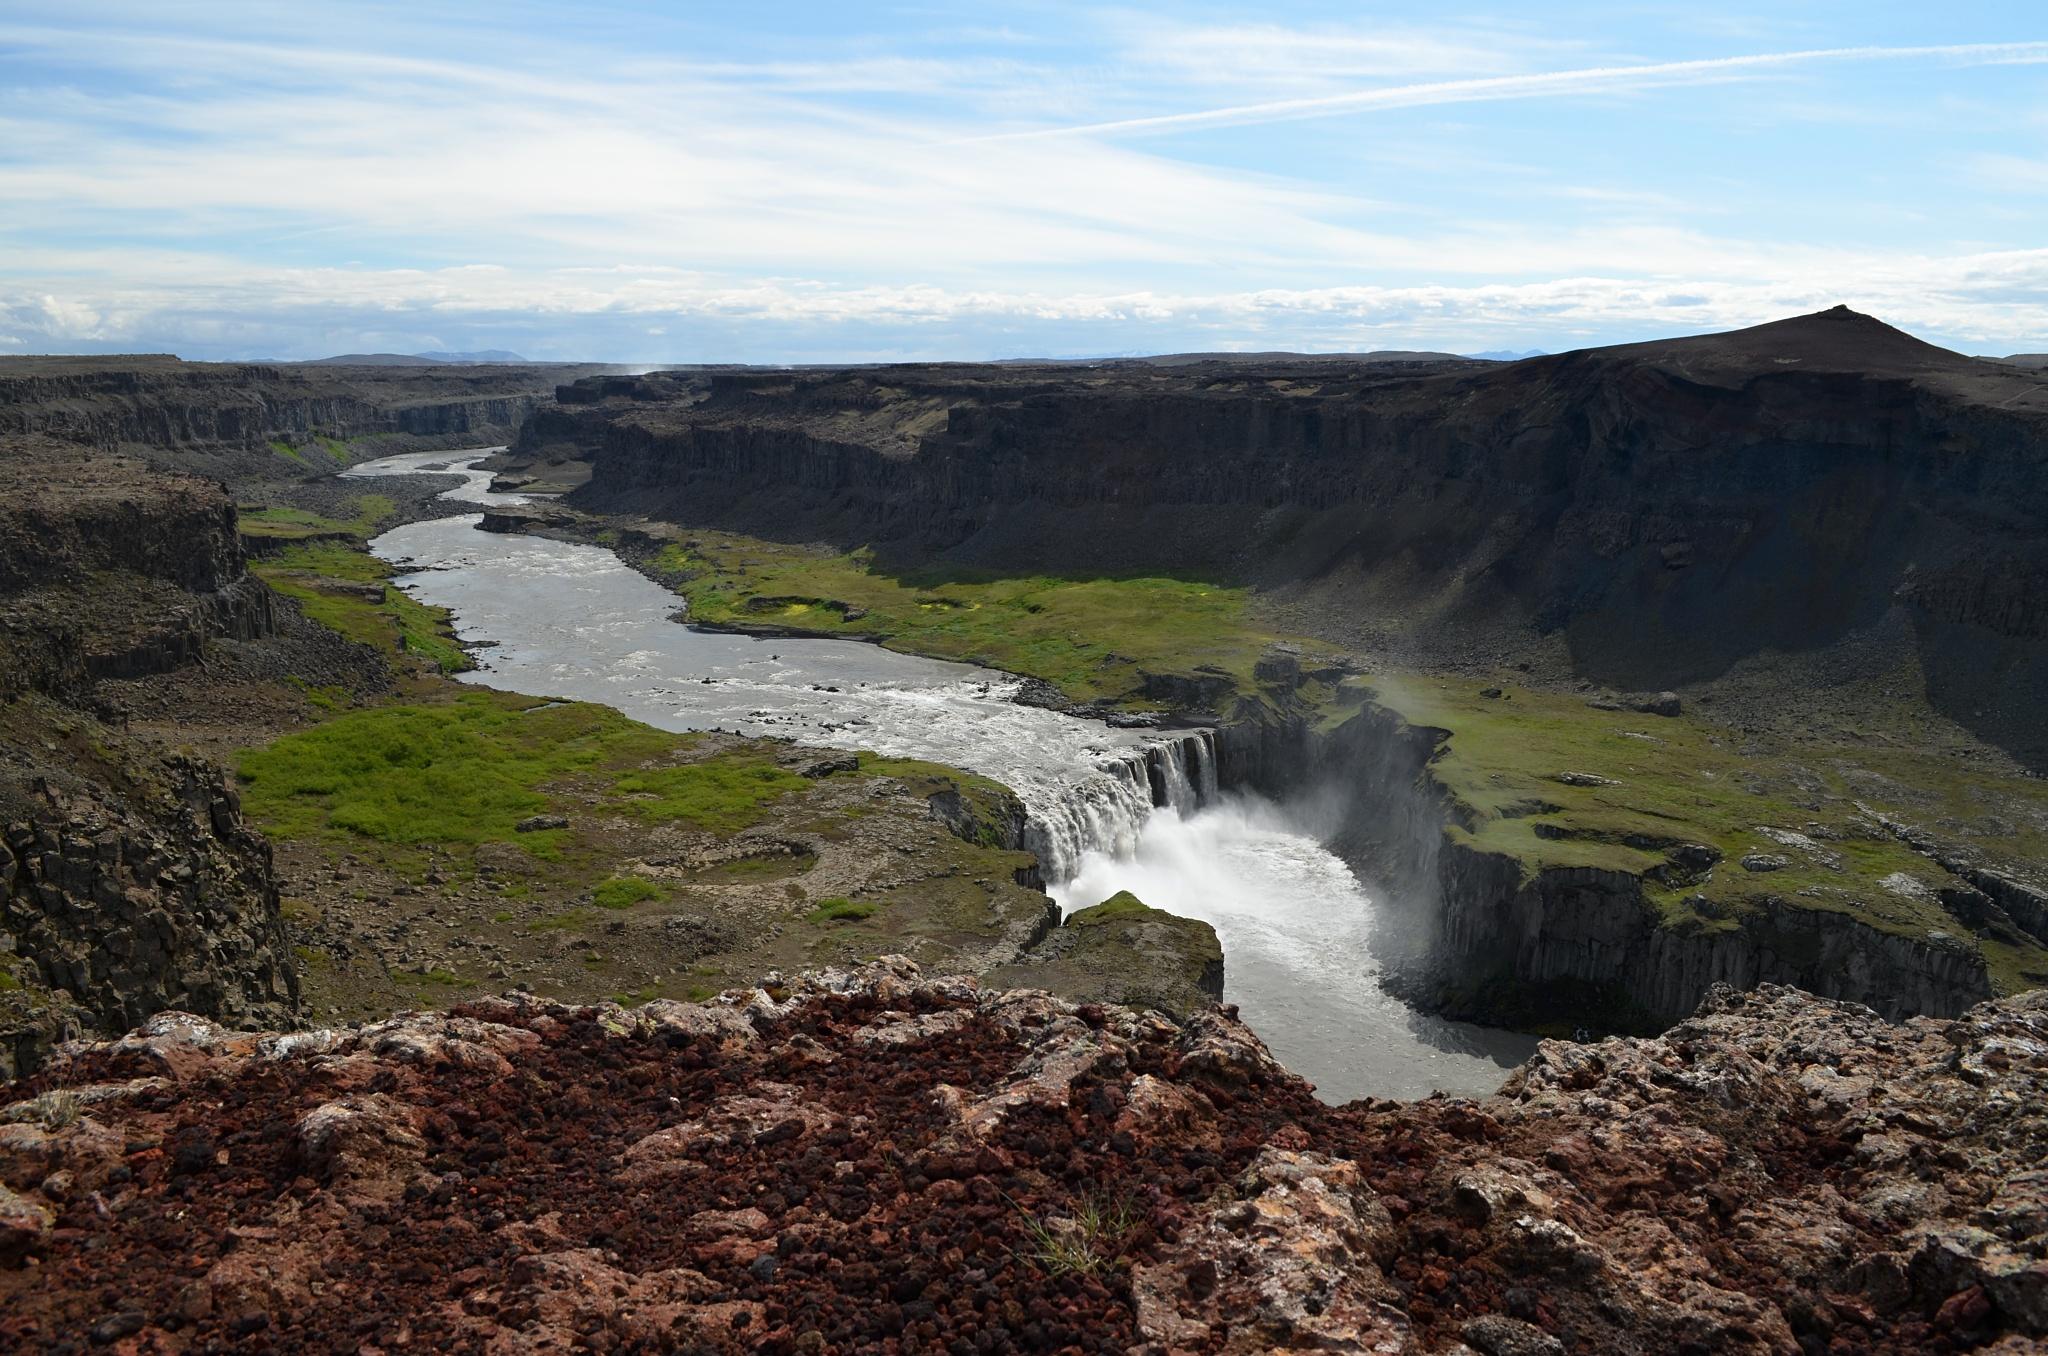 Krásný vodopád Hafragilsfoss s pestrobarevným okolím